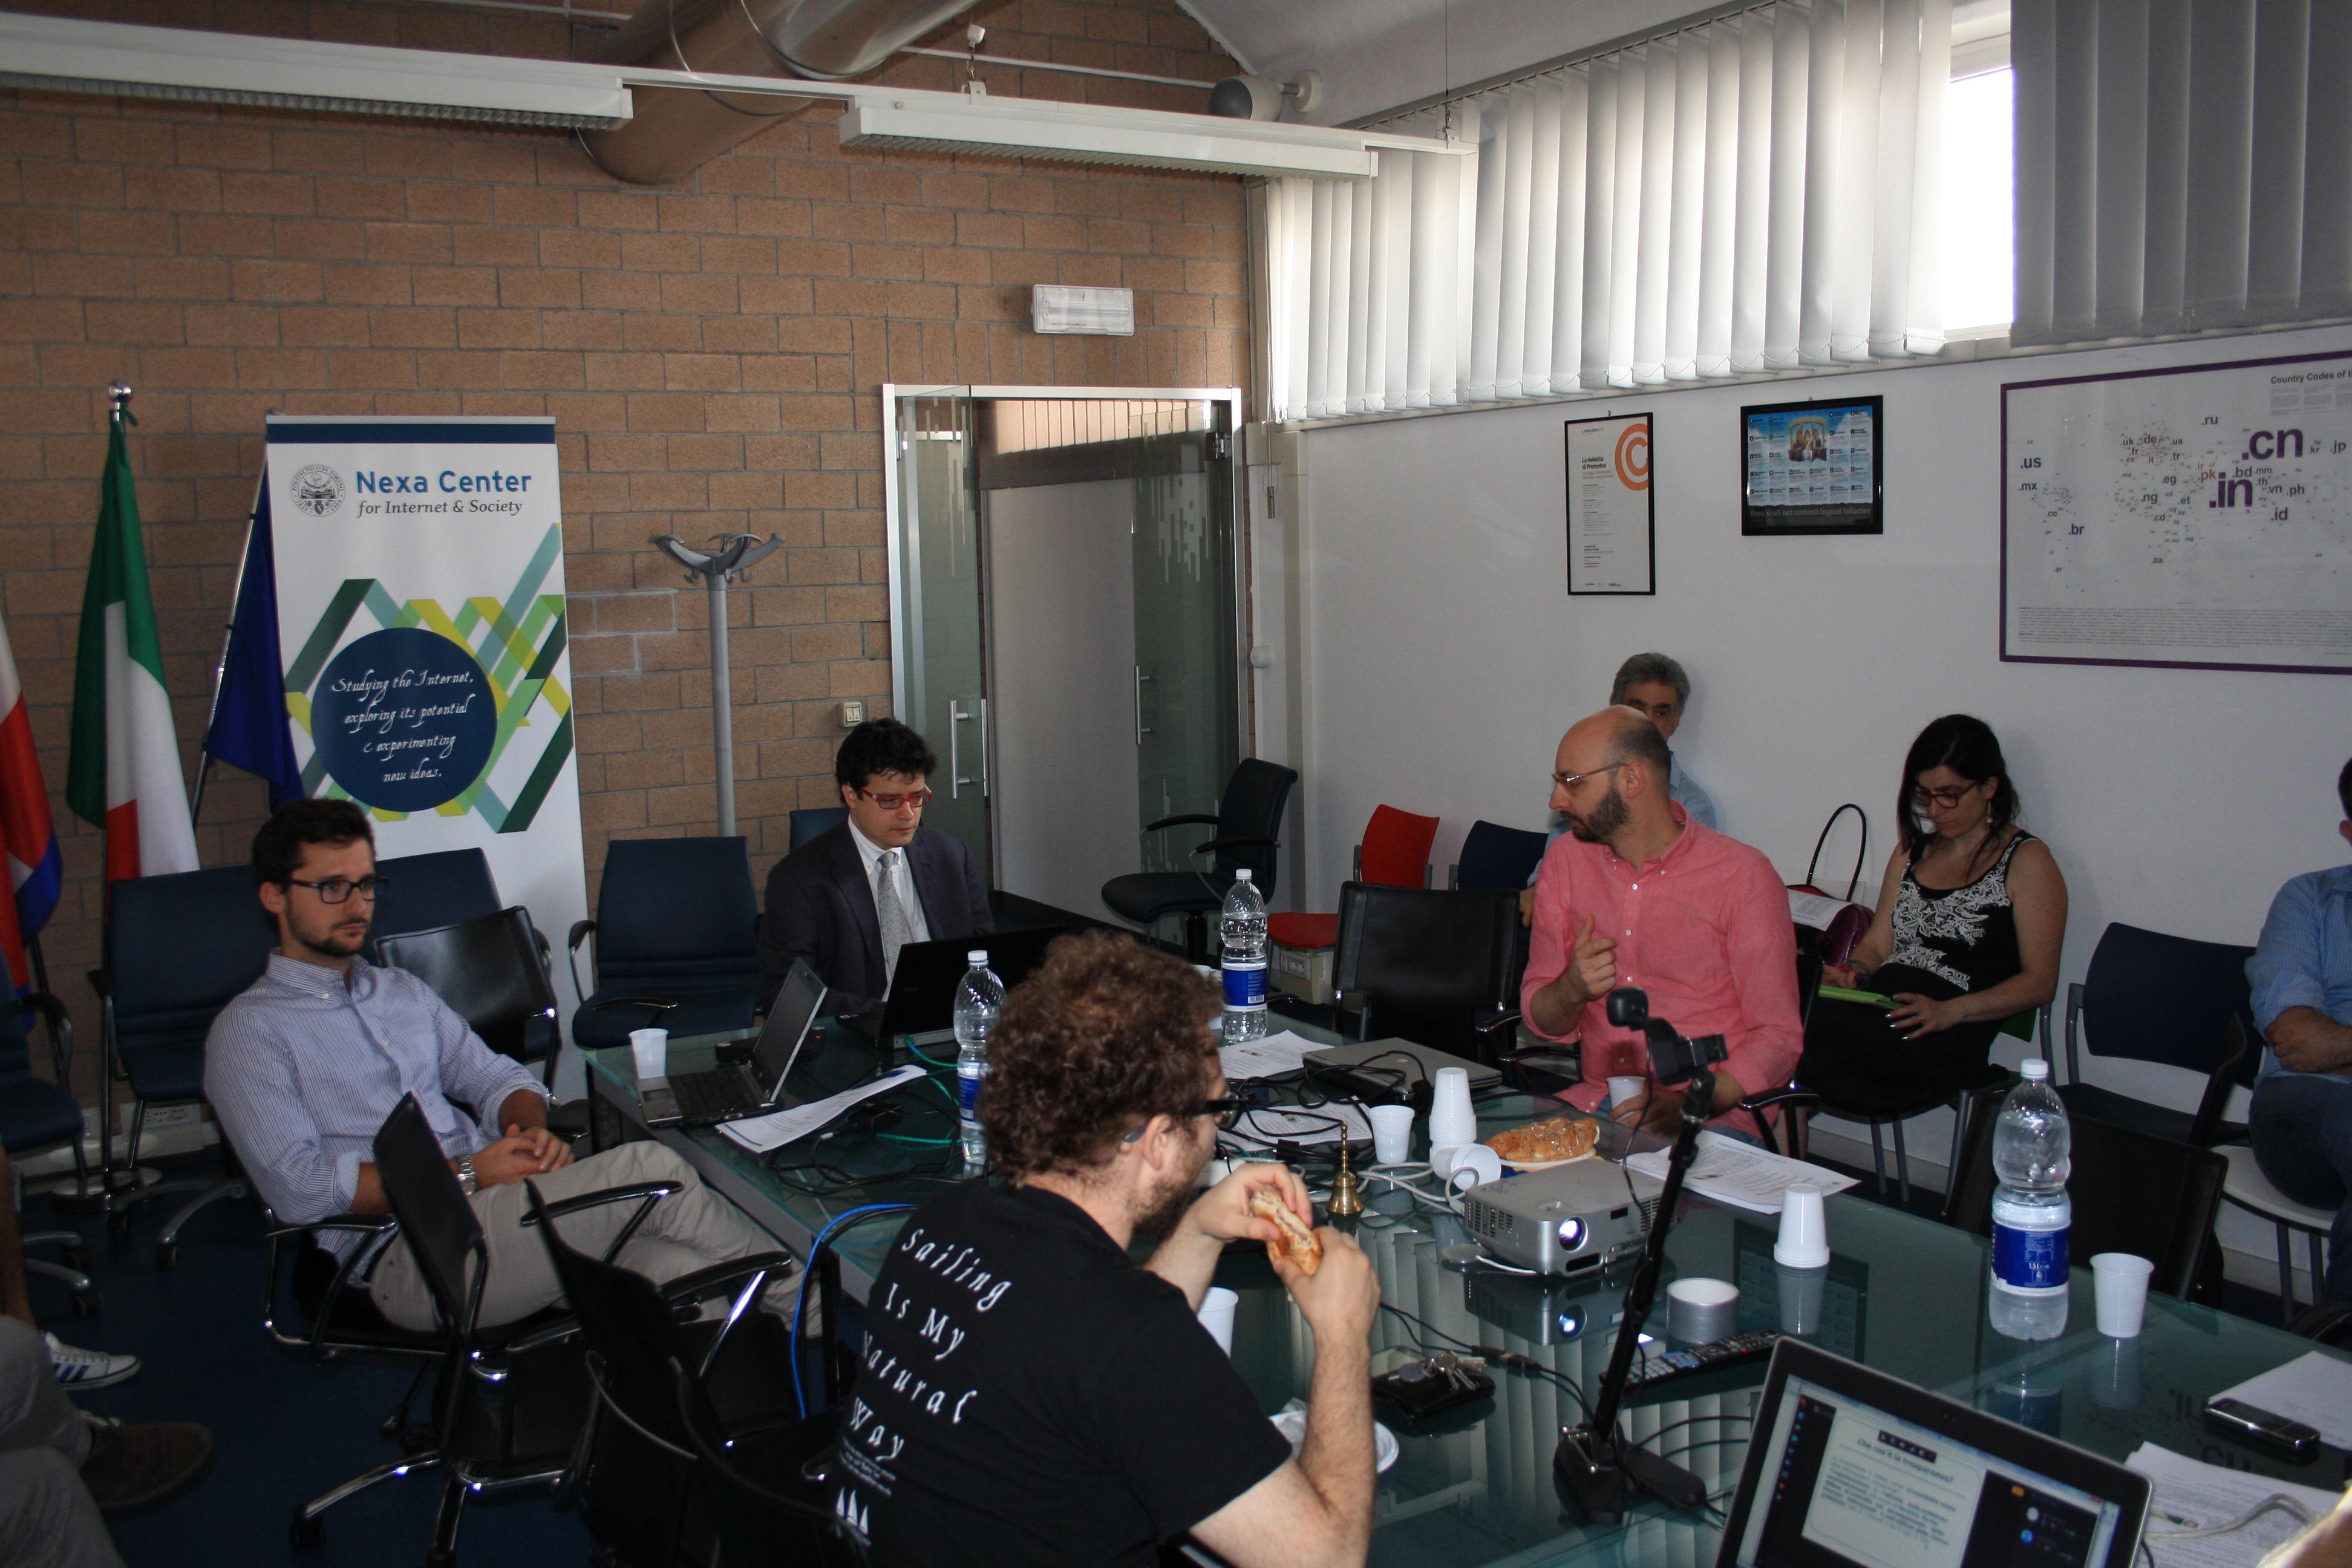 23° Nexa Lunch Seminar - Hackathon sulla trasparenza dell'uso delle risorse pubbliche